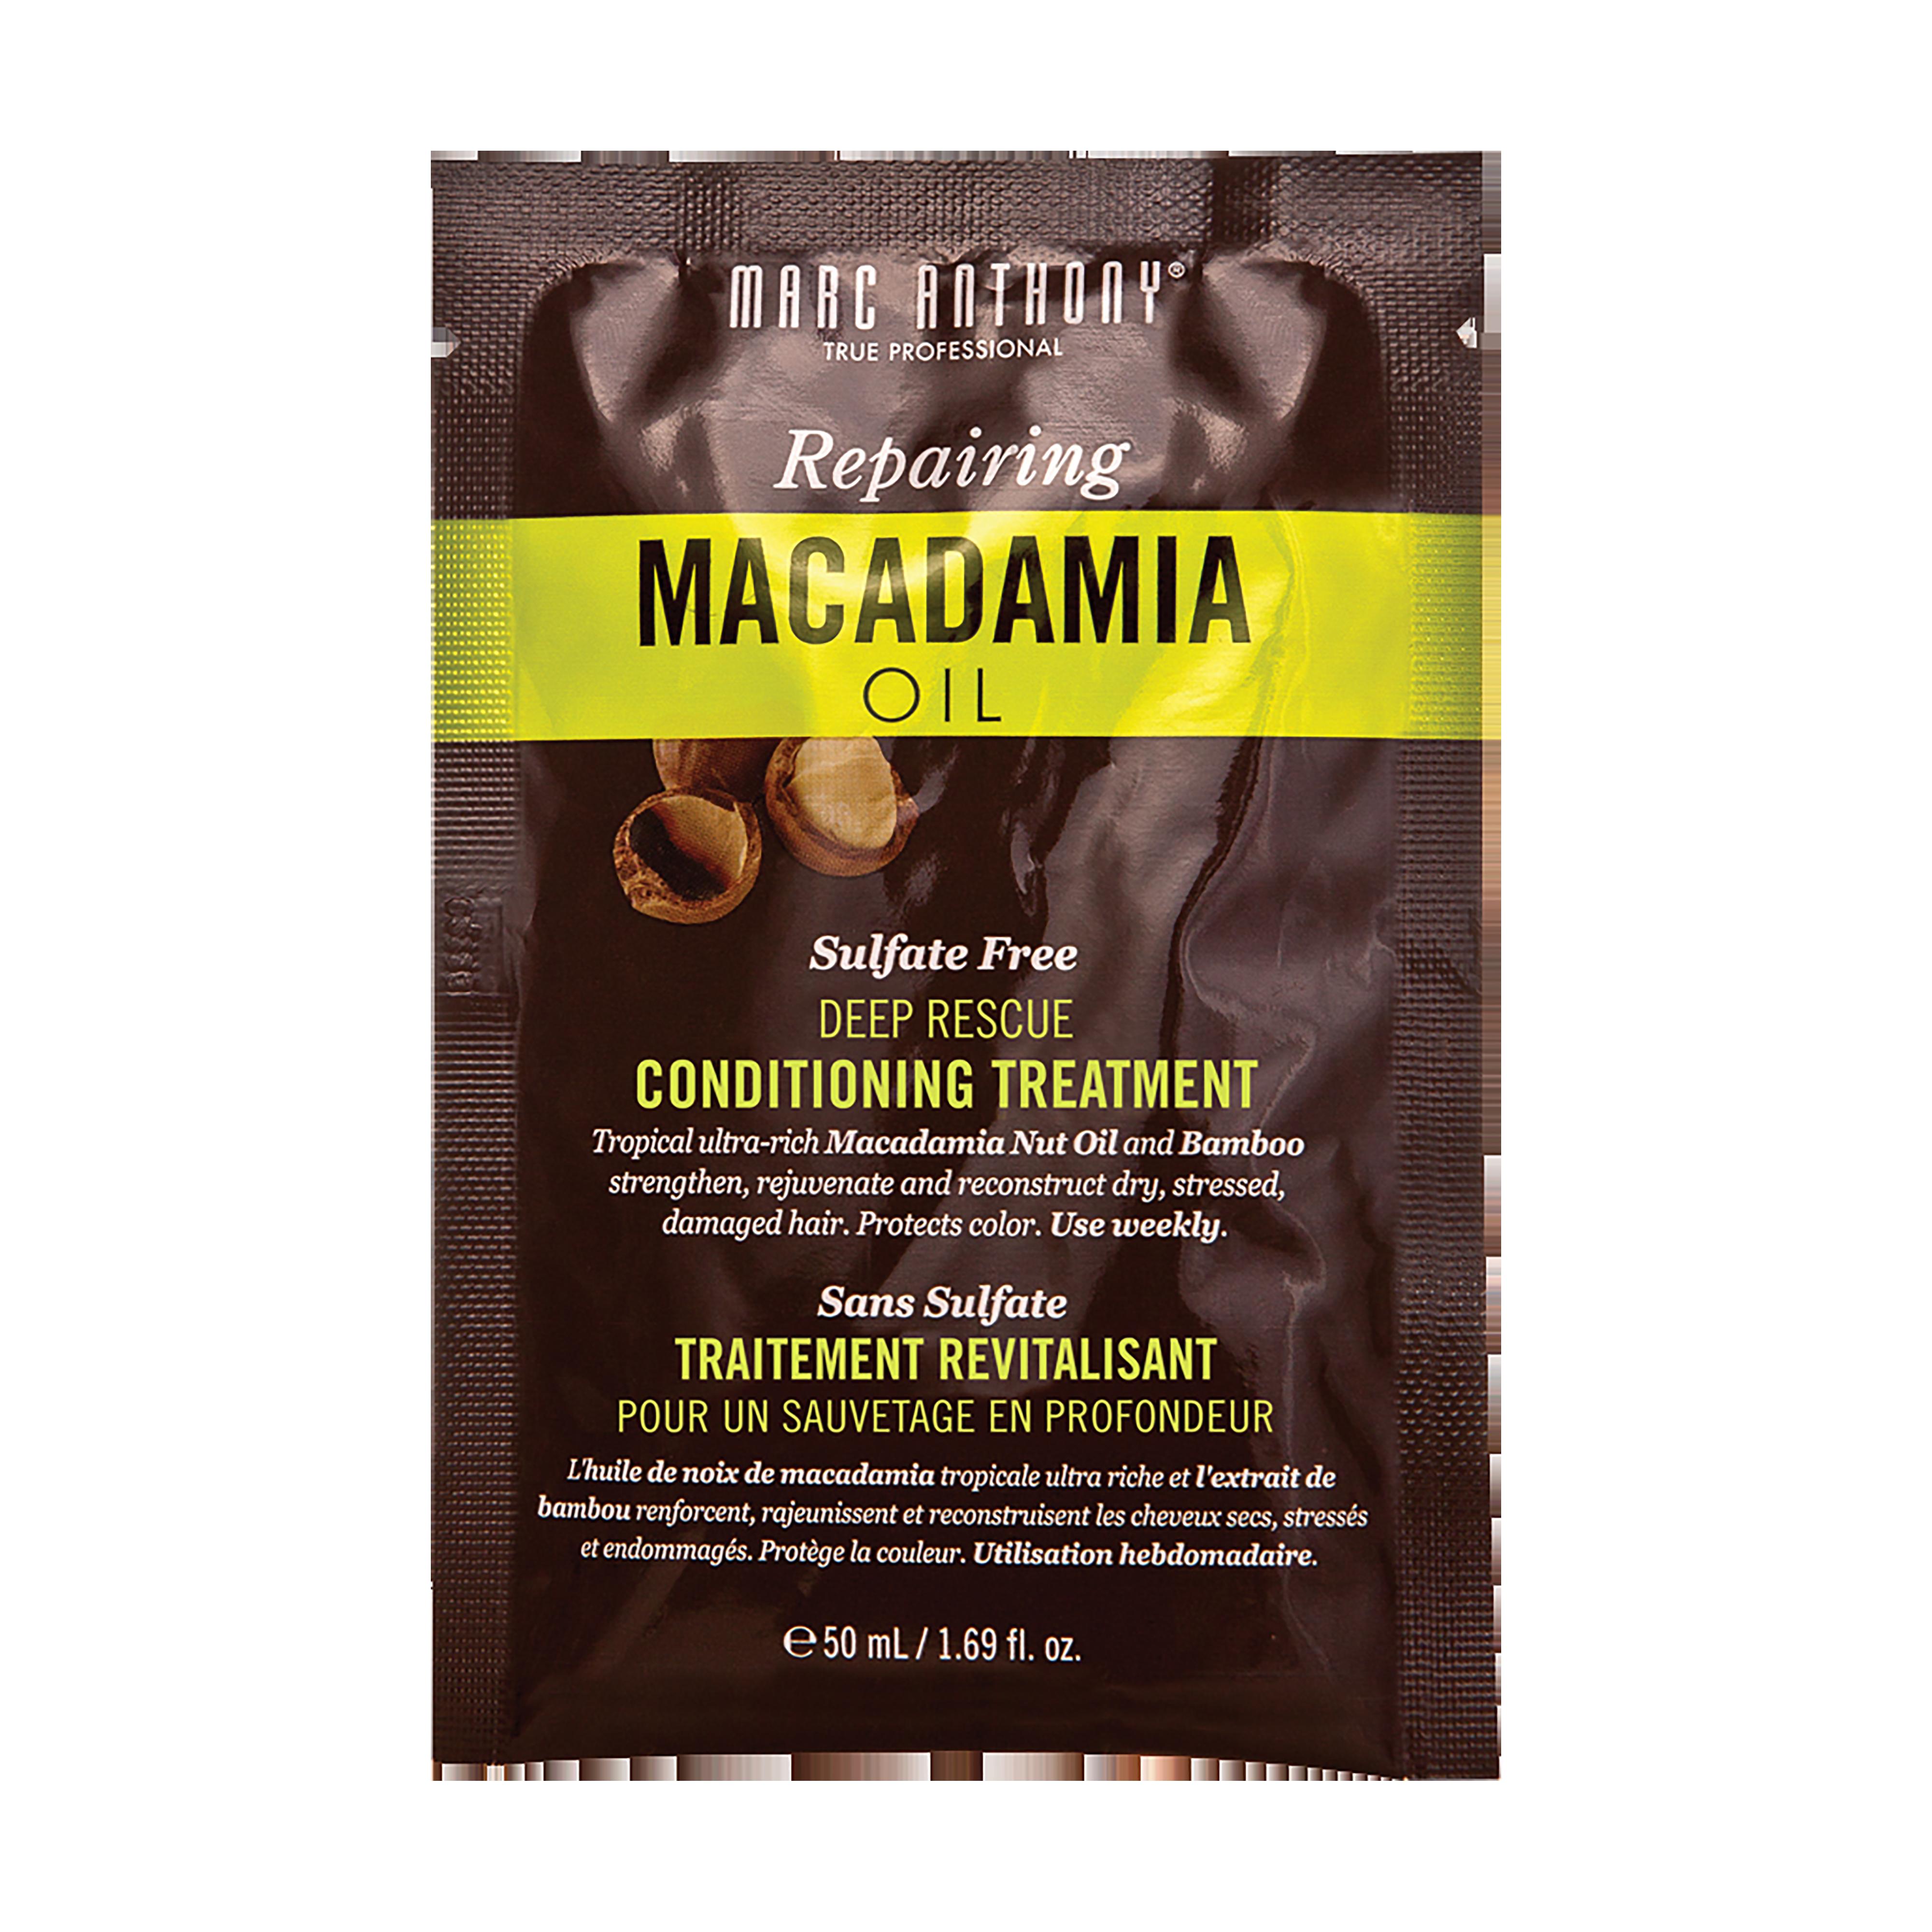 Repairing Macadamia Oil Conditioning Treament